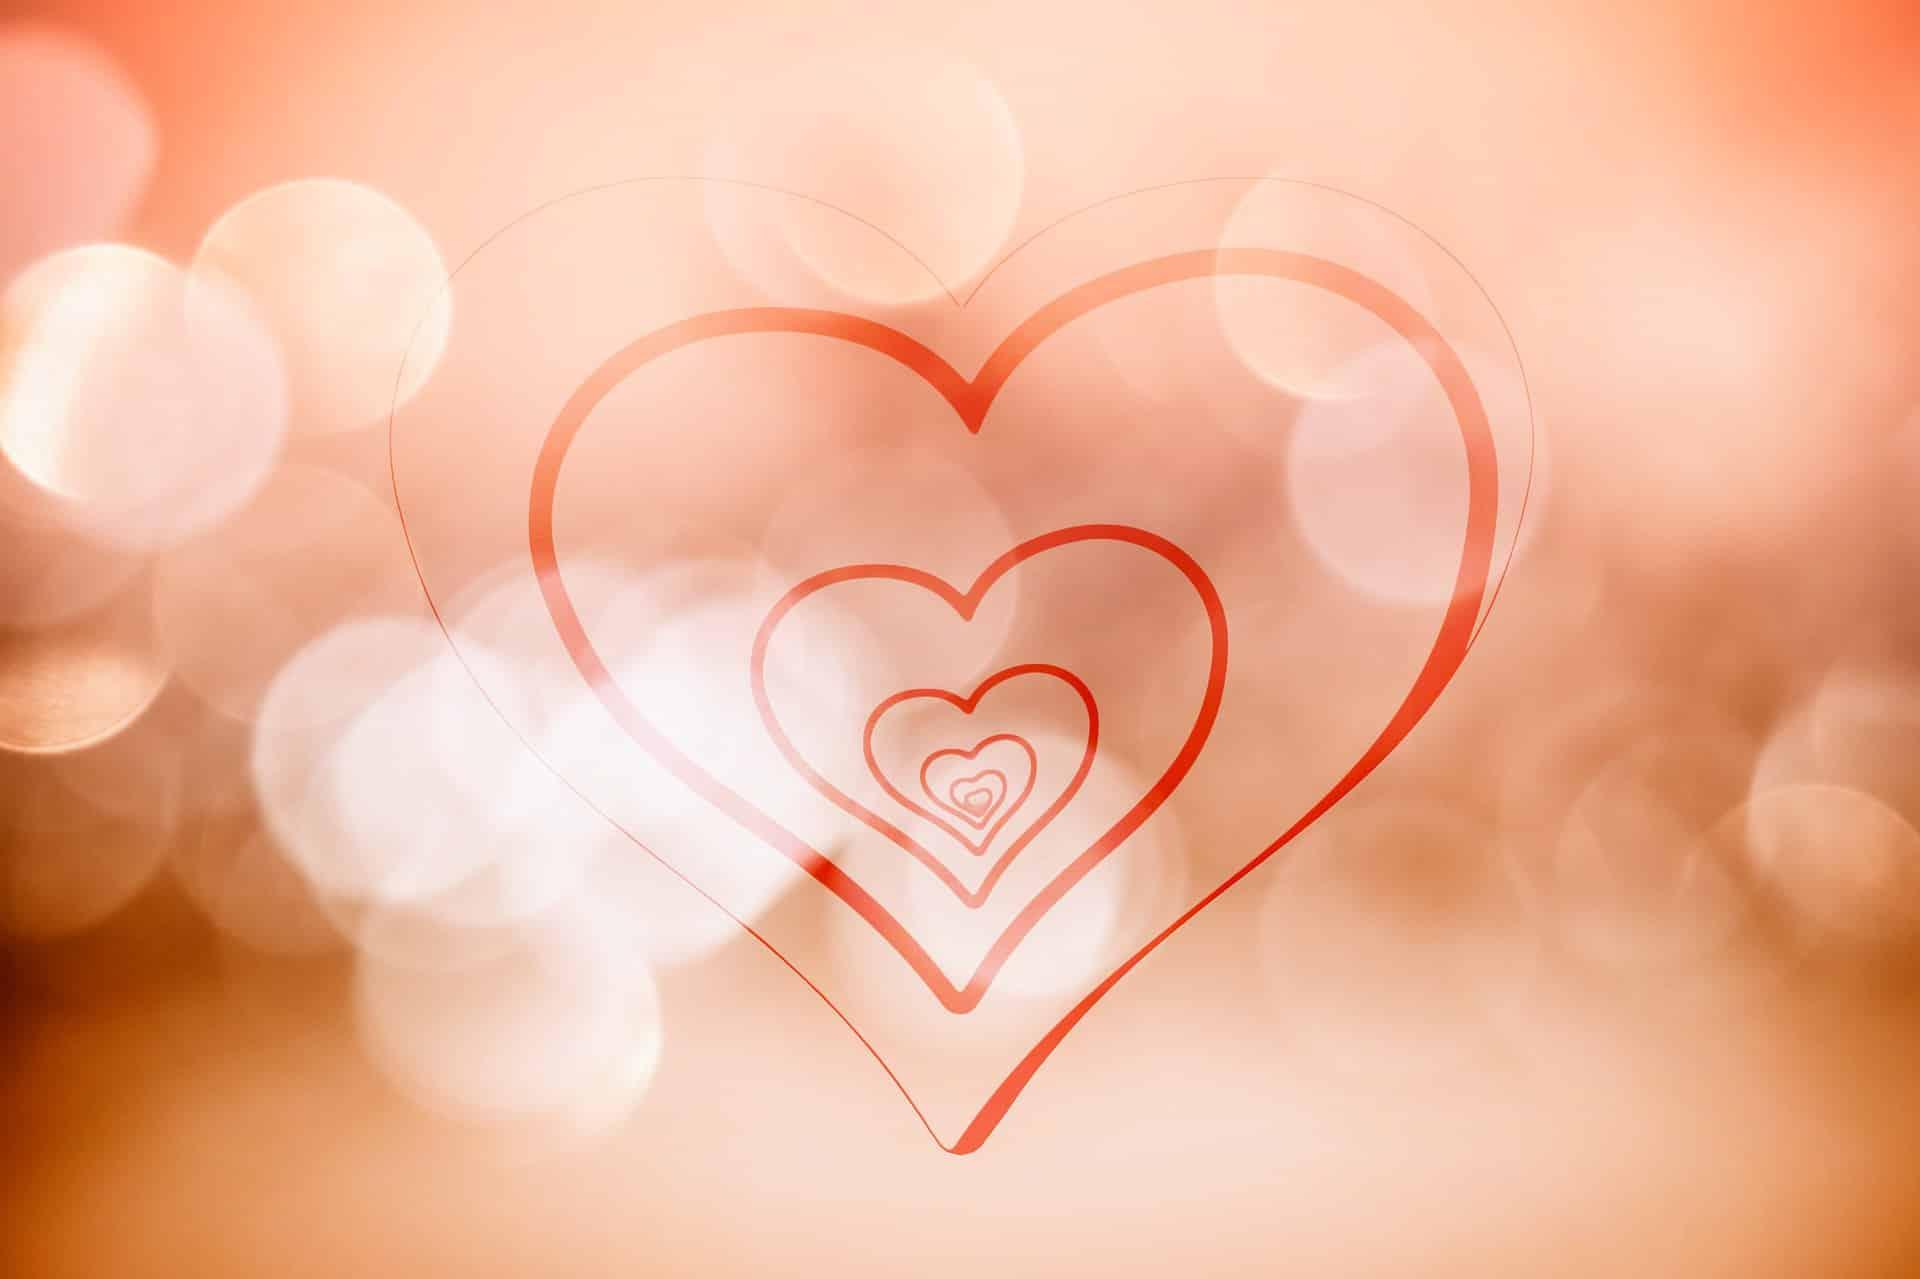 Citation Mars 2020 – À l'heure de prendre soin de nous avec amour et solidarité.